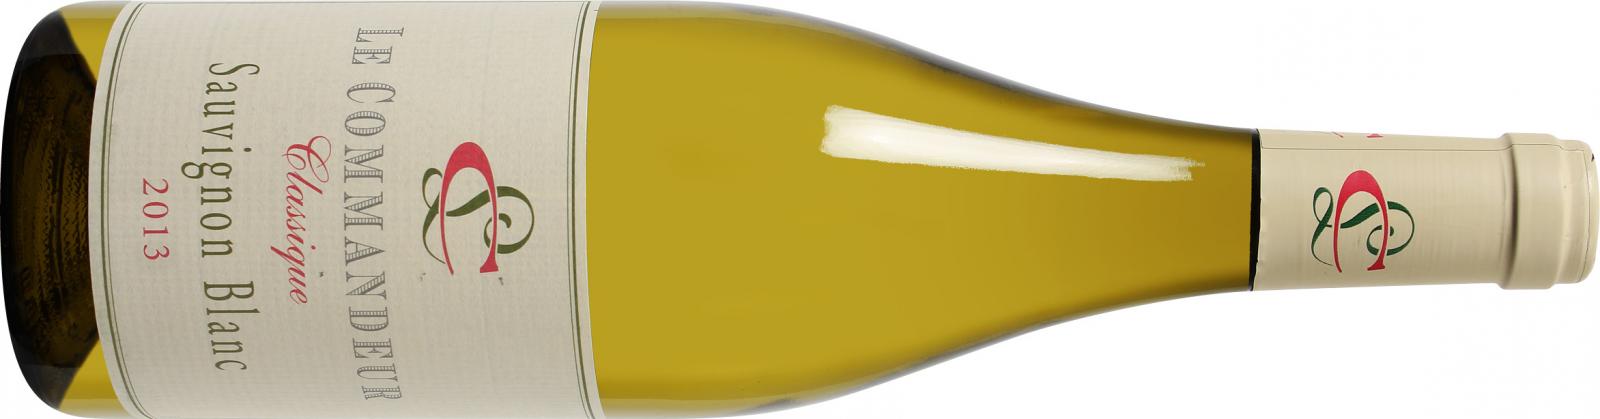 Le Commandeur Classique Sauvignon Blanc 2013